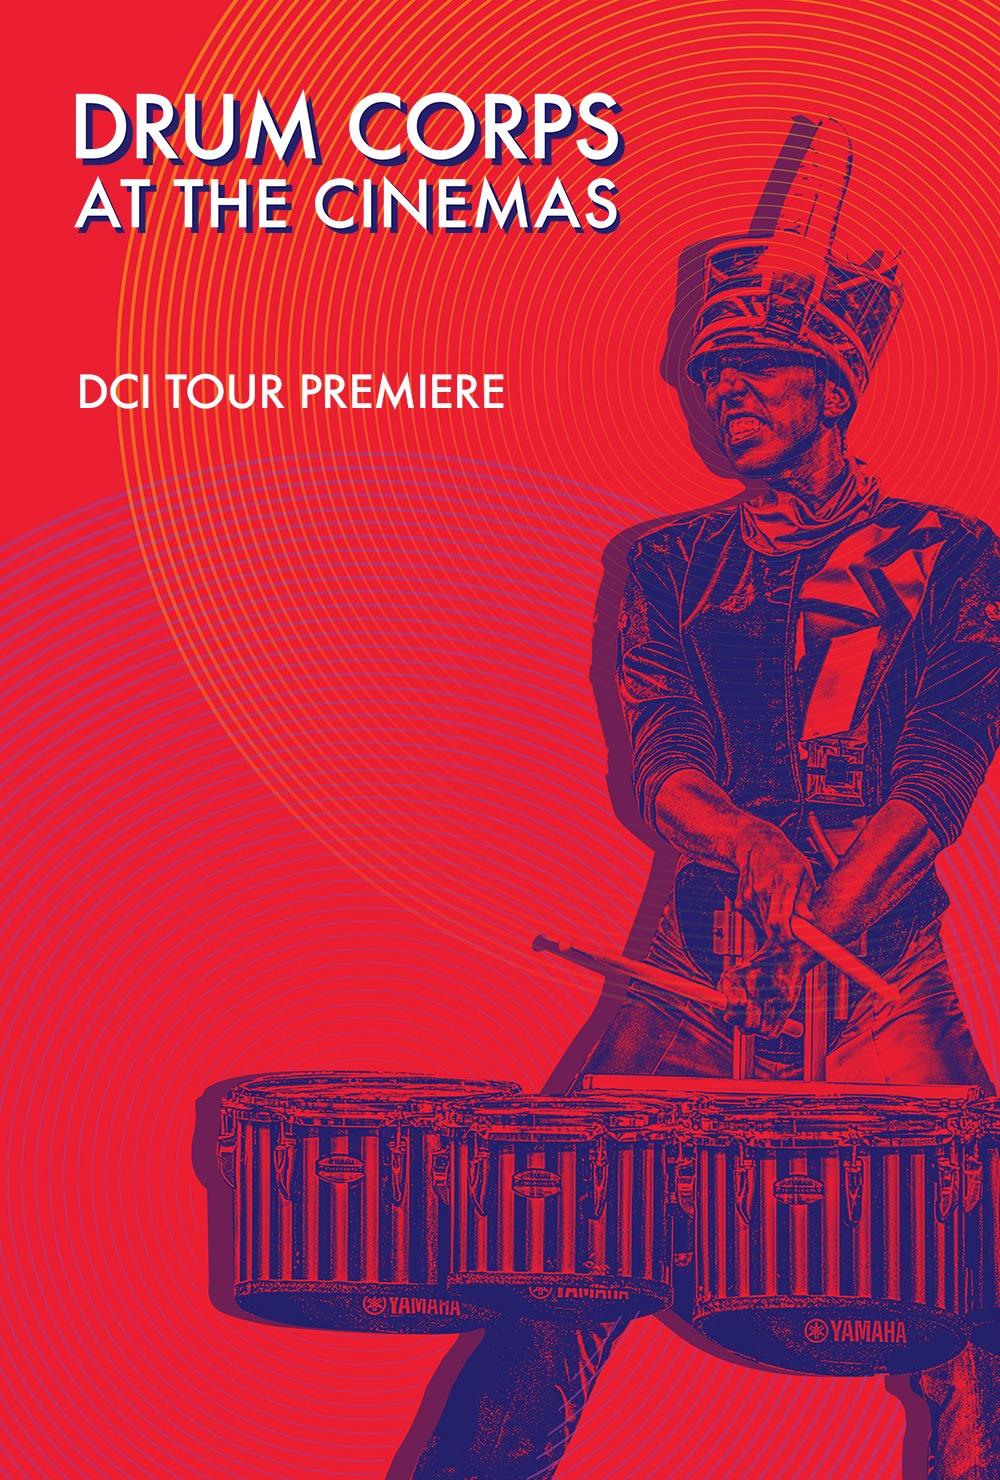 2018 DCI Tour Premiere